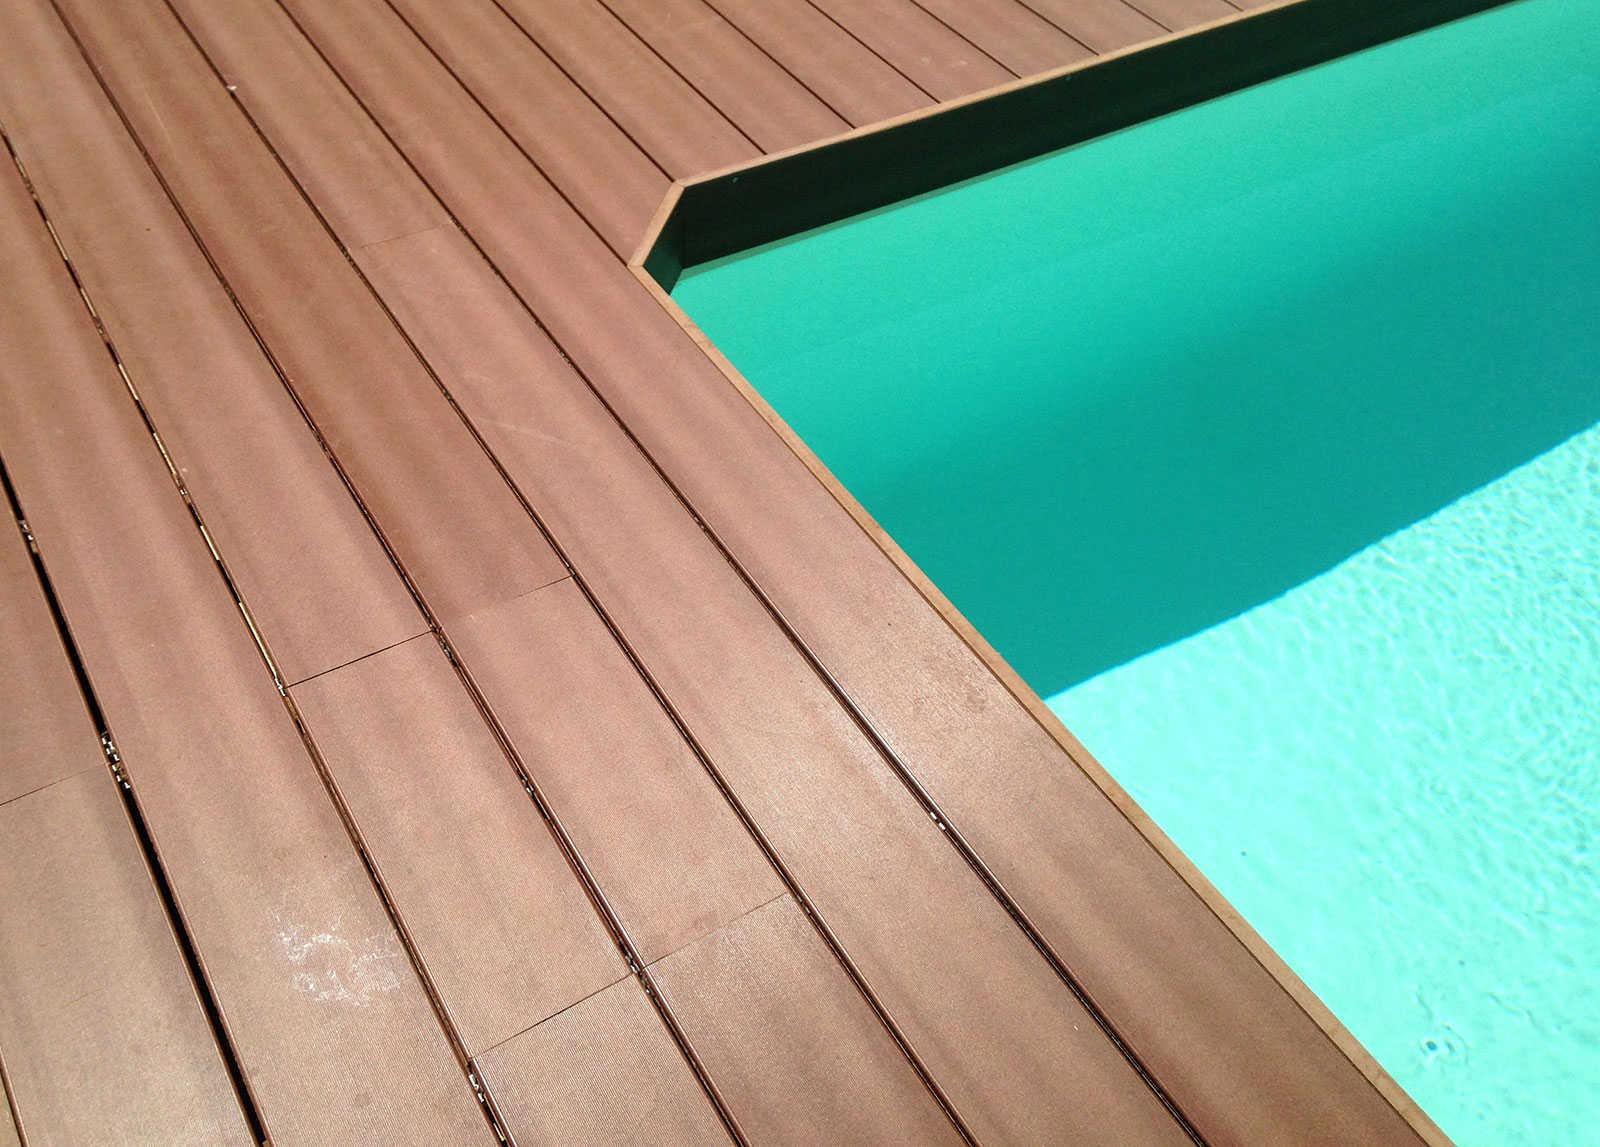 Bandeau De Finition Piscine En Composite Marron - Sud Terrasses encequiconcerne Piscine Bois Composite